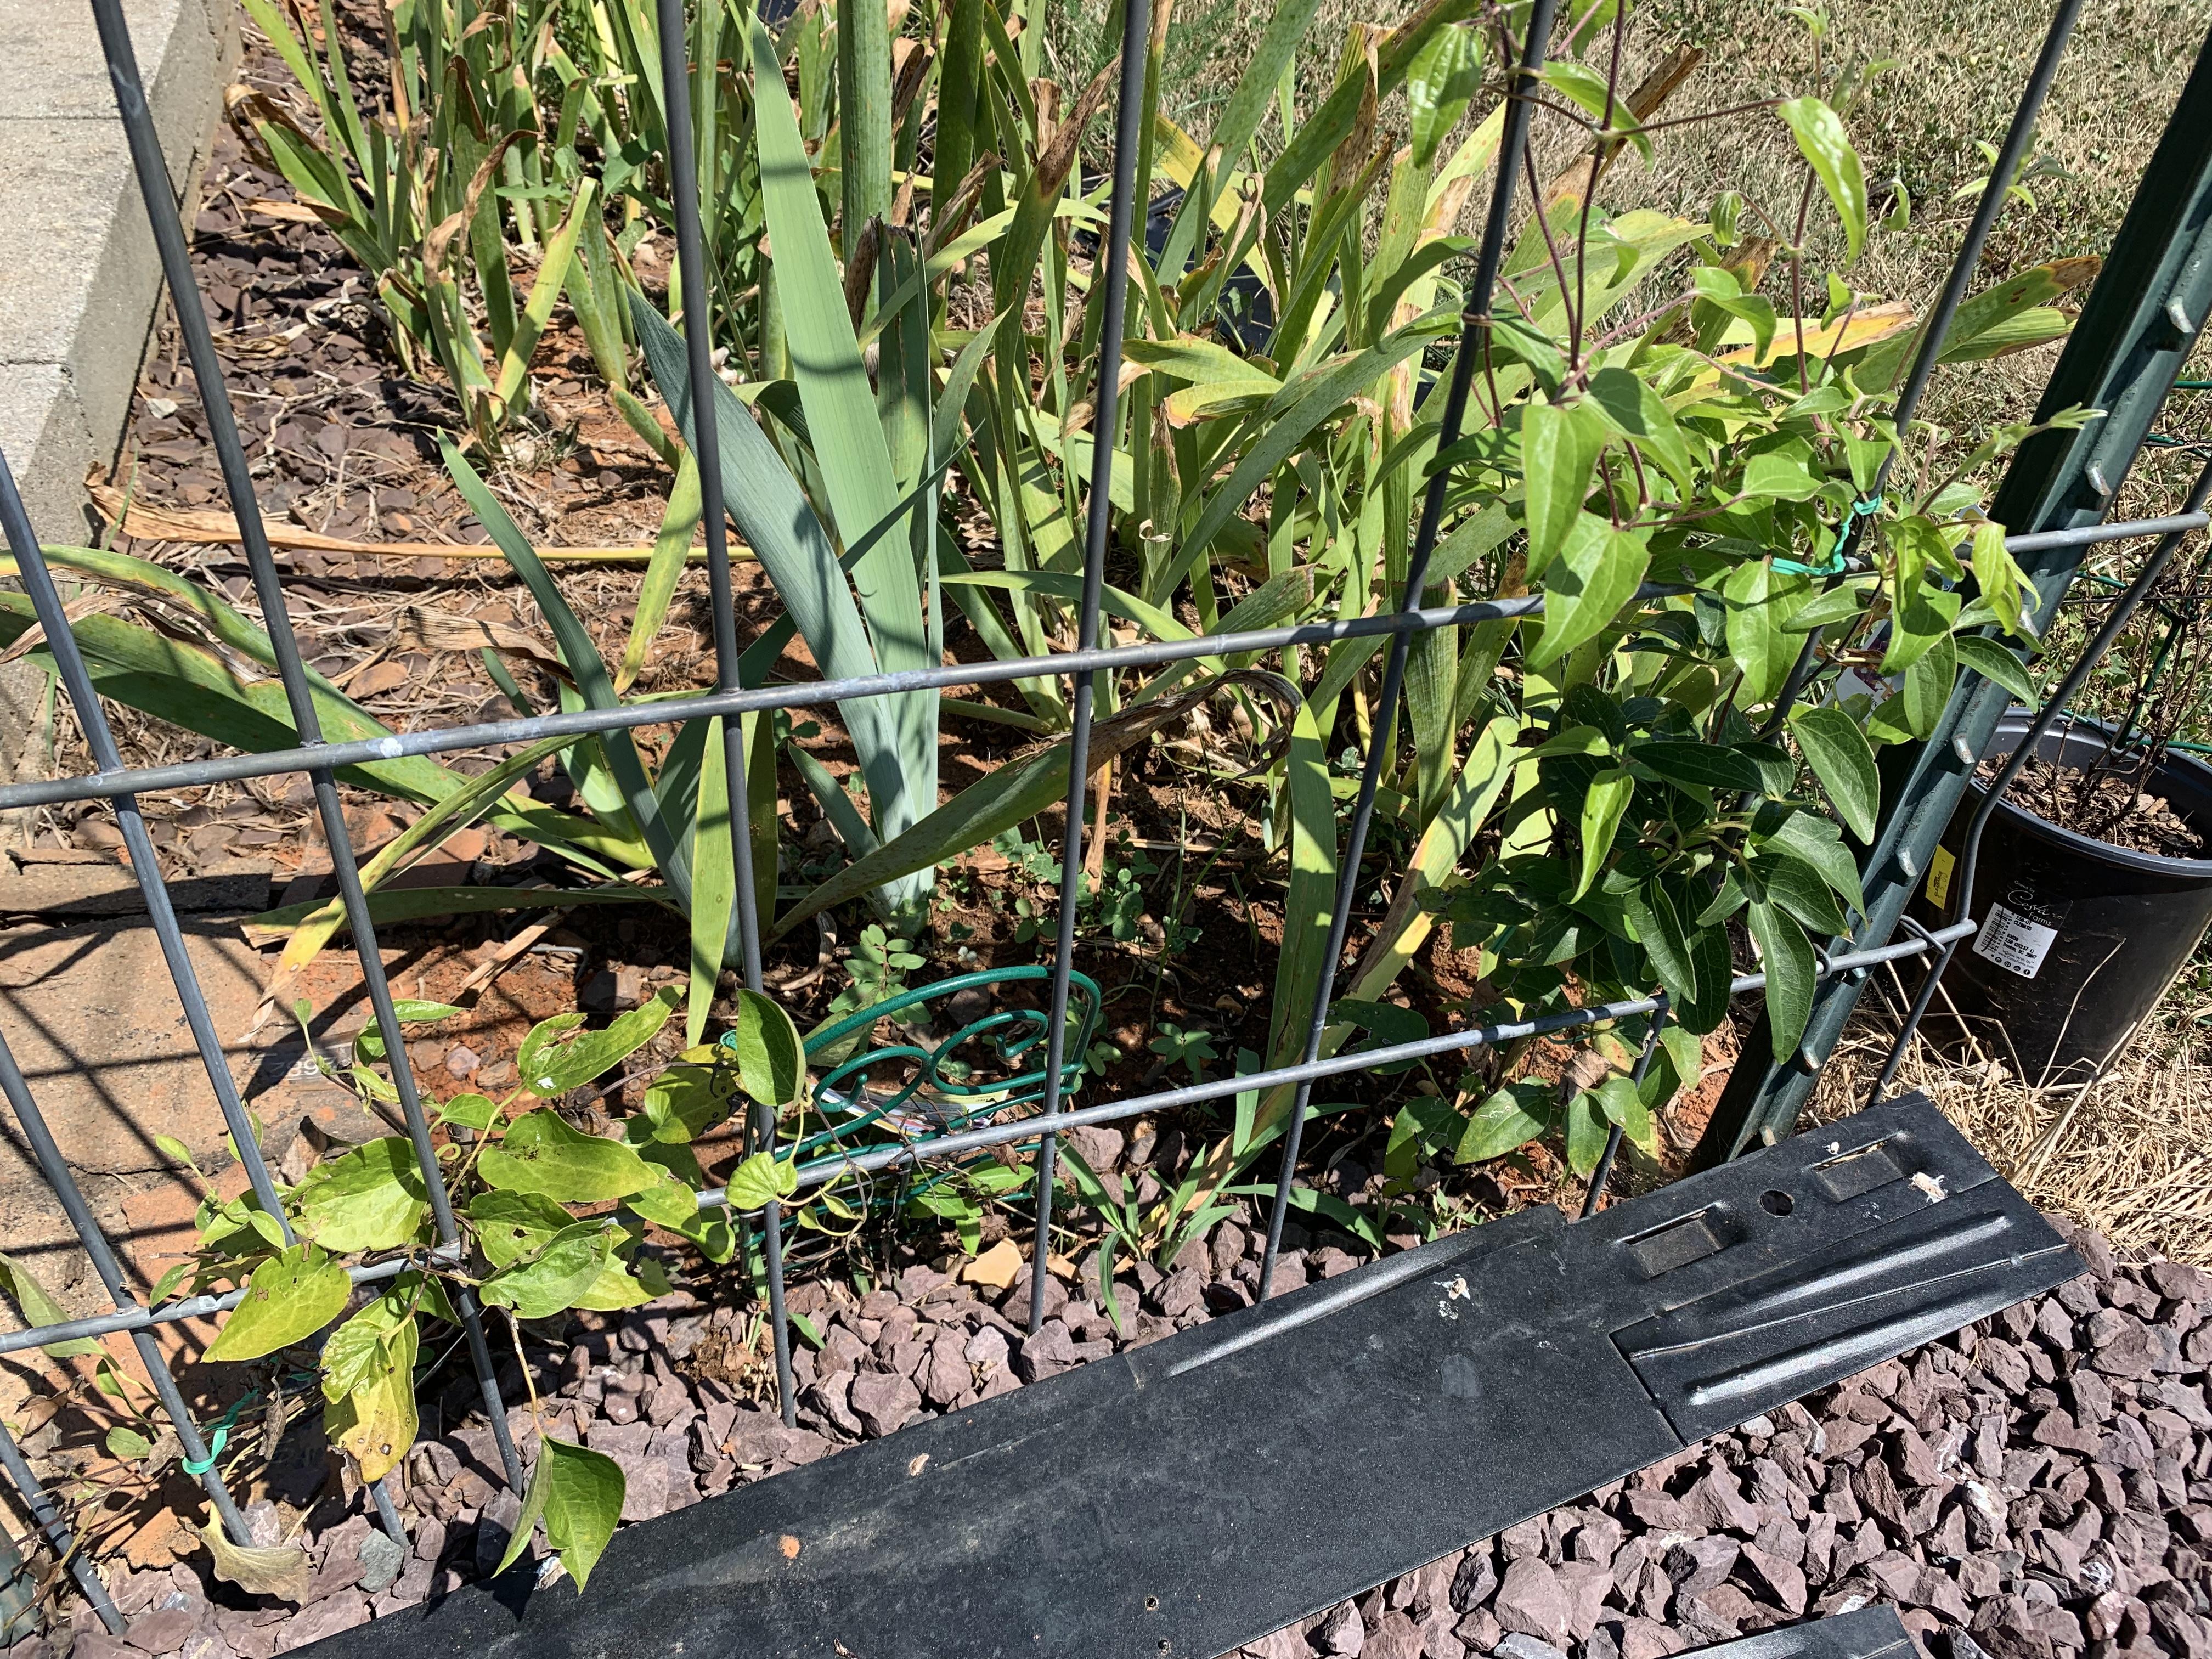 D04E53FF A3D2 433C A2A0 76F1EA0CCC43 Dry garden